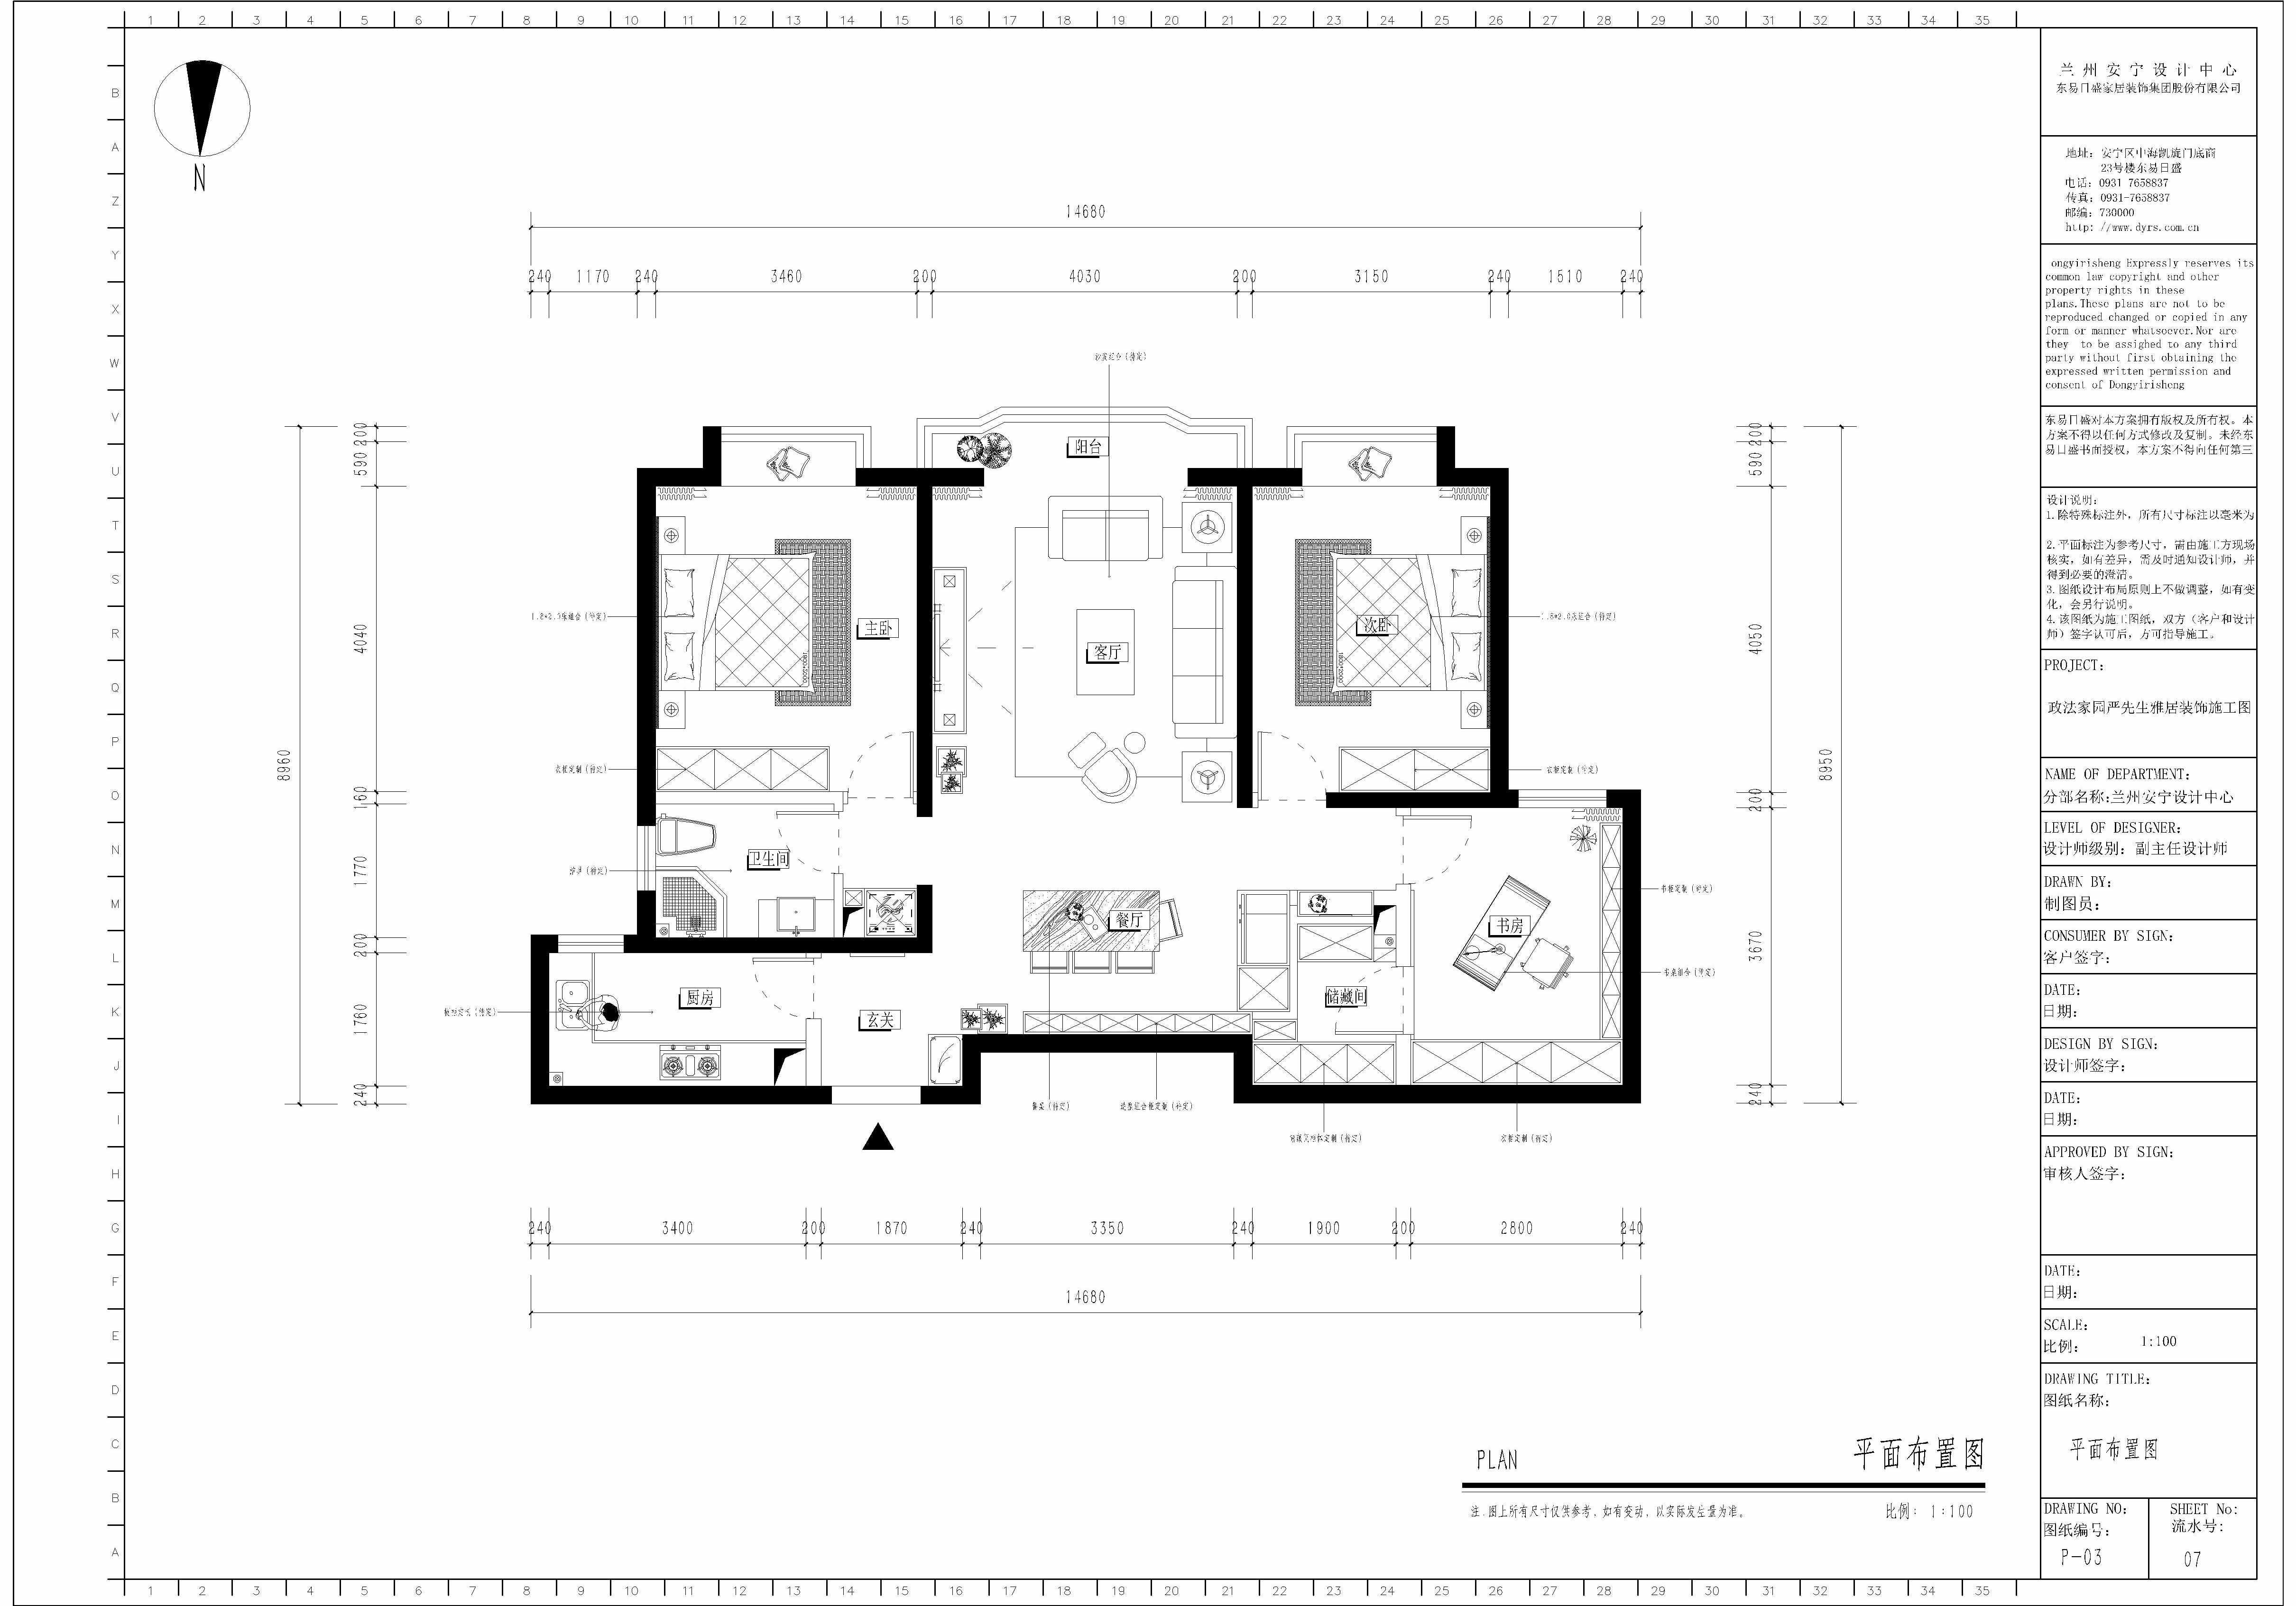 政法家园小区-120平米-美式风格装修效果图装修设计理念